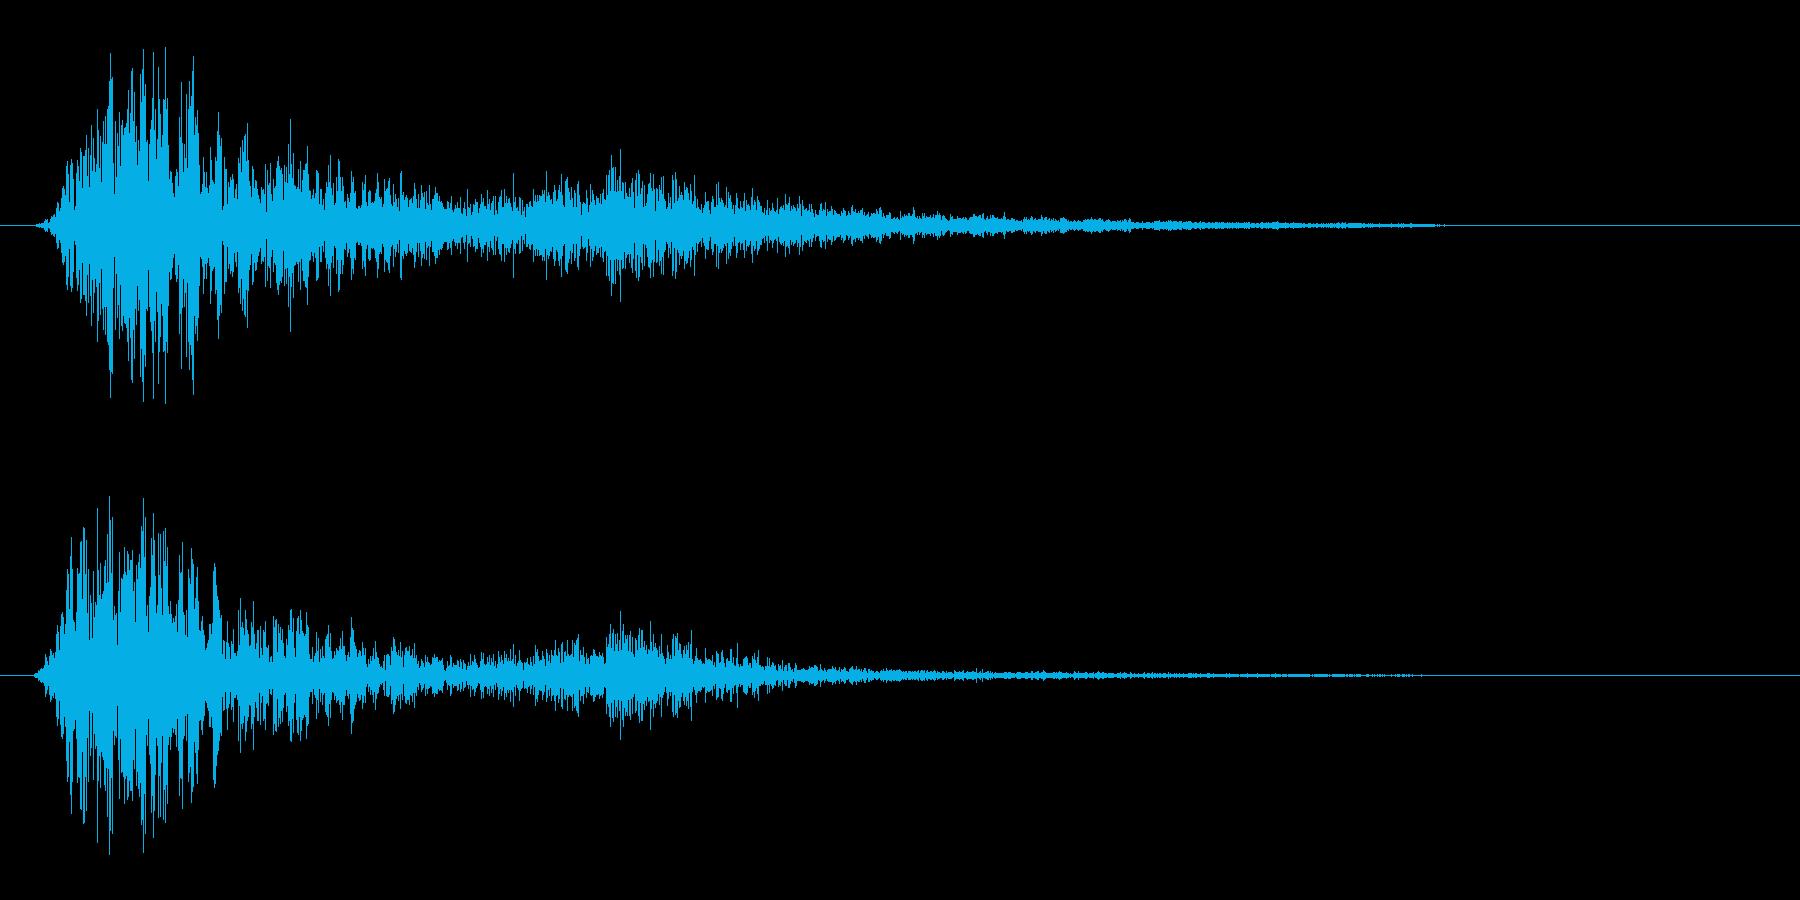 ザヒュ(風を刃物で切る効果音)の再生済みの波形